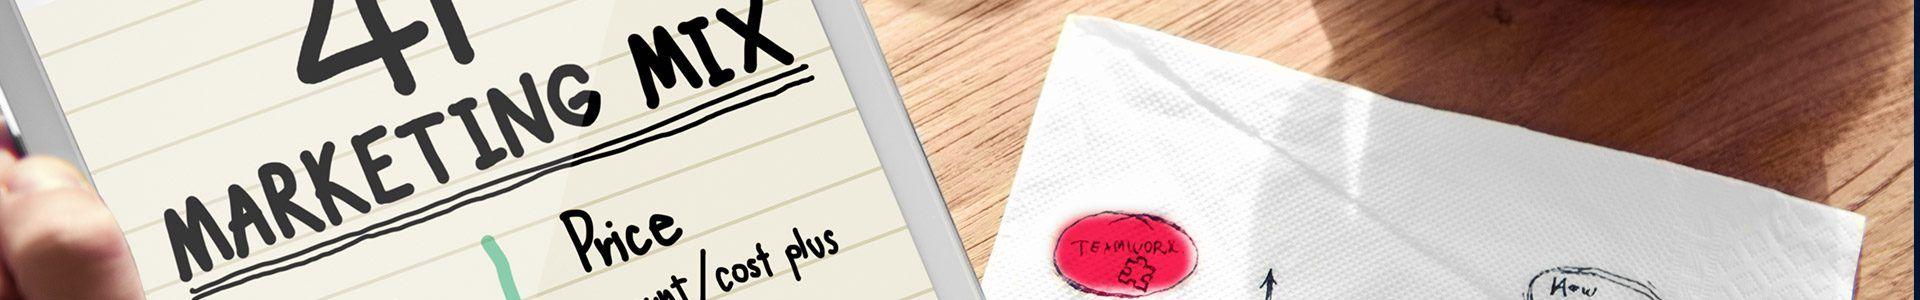 de marketingmix anno 2012 en de rol van persoonlijkheid